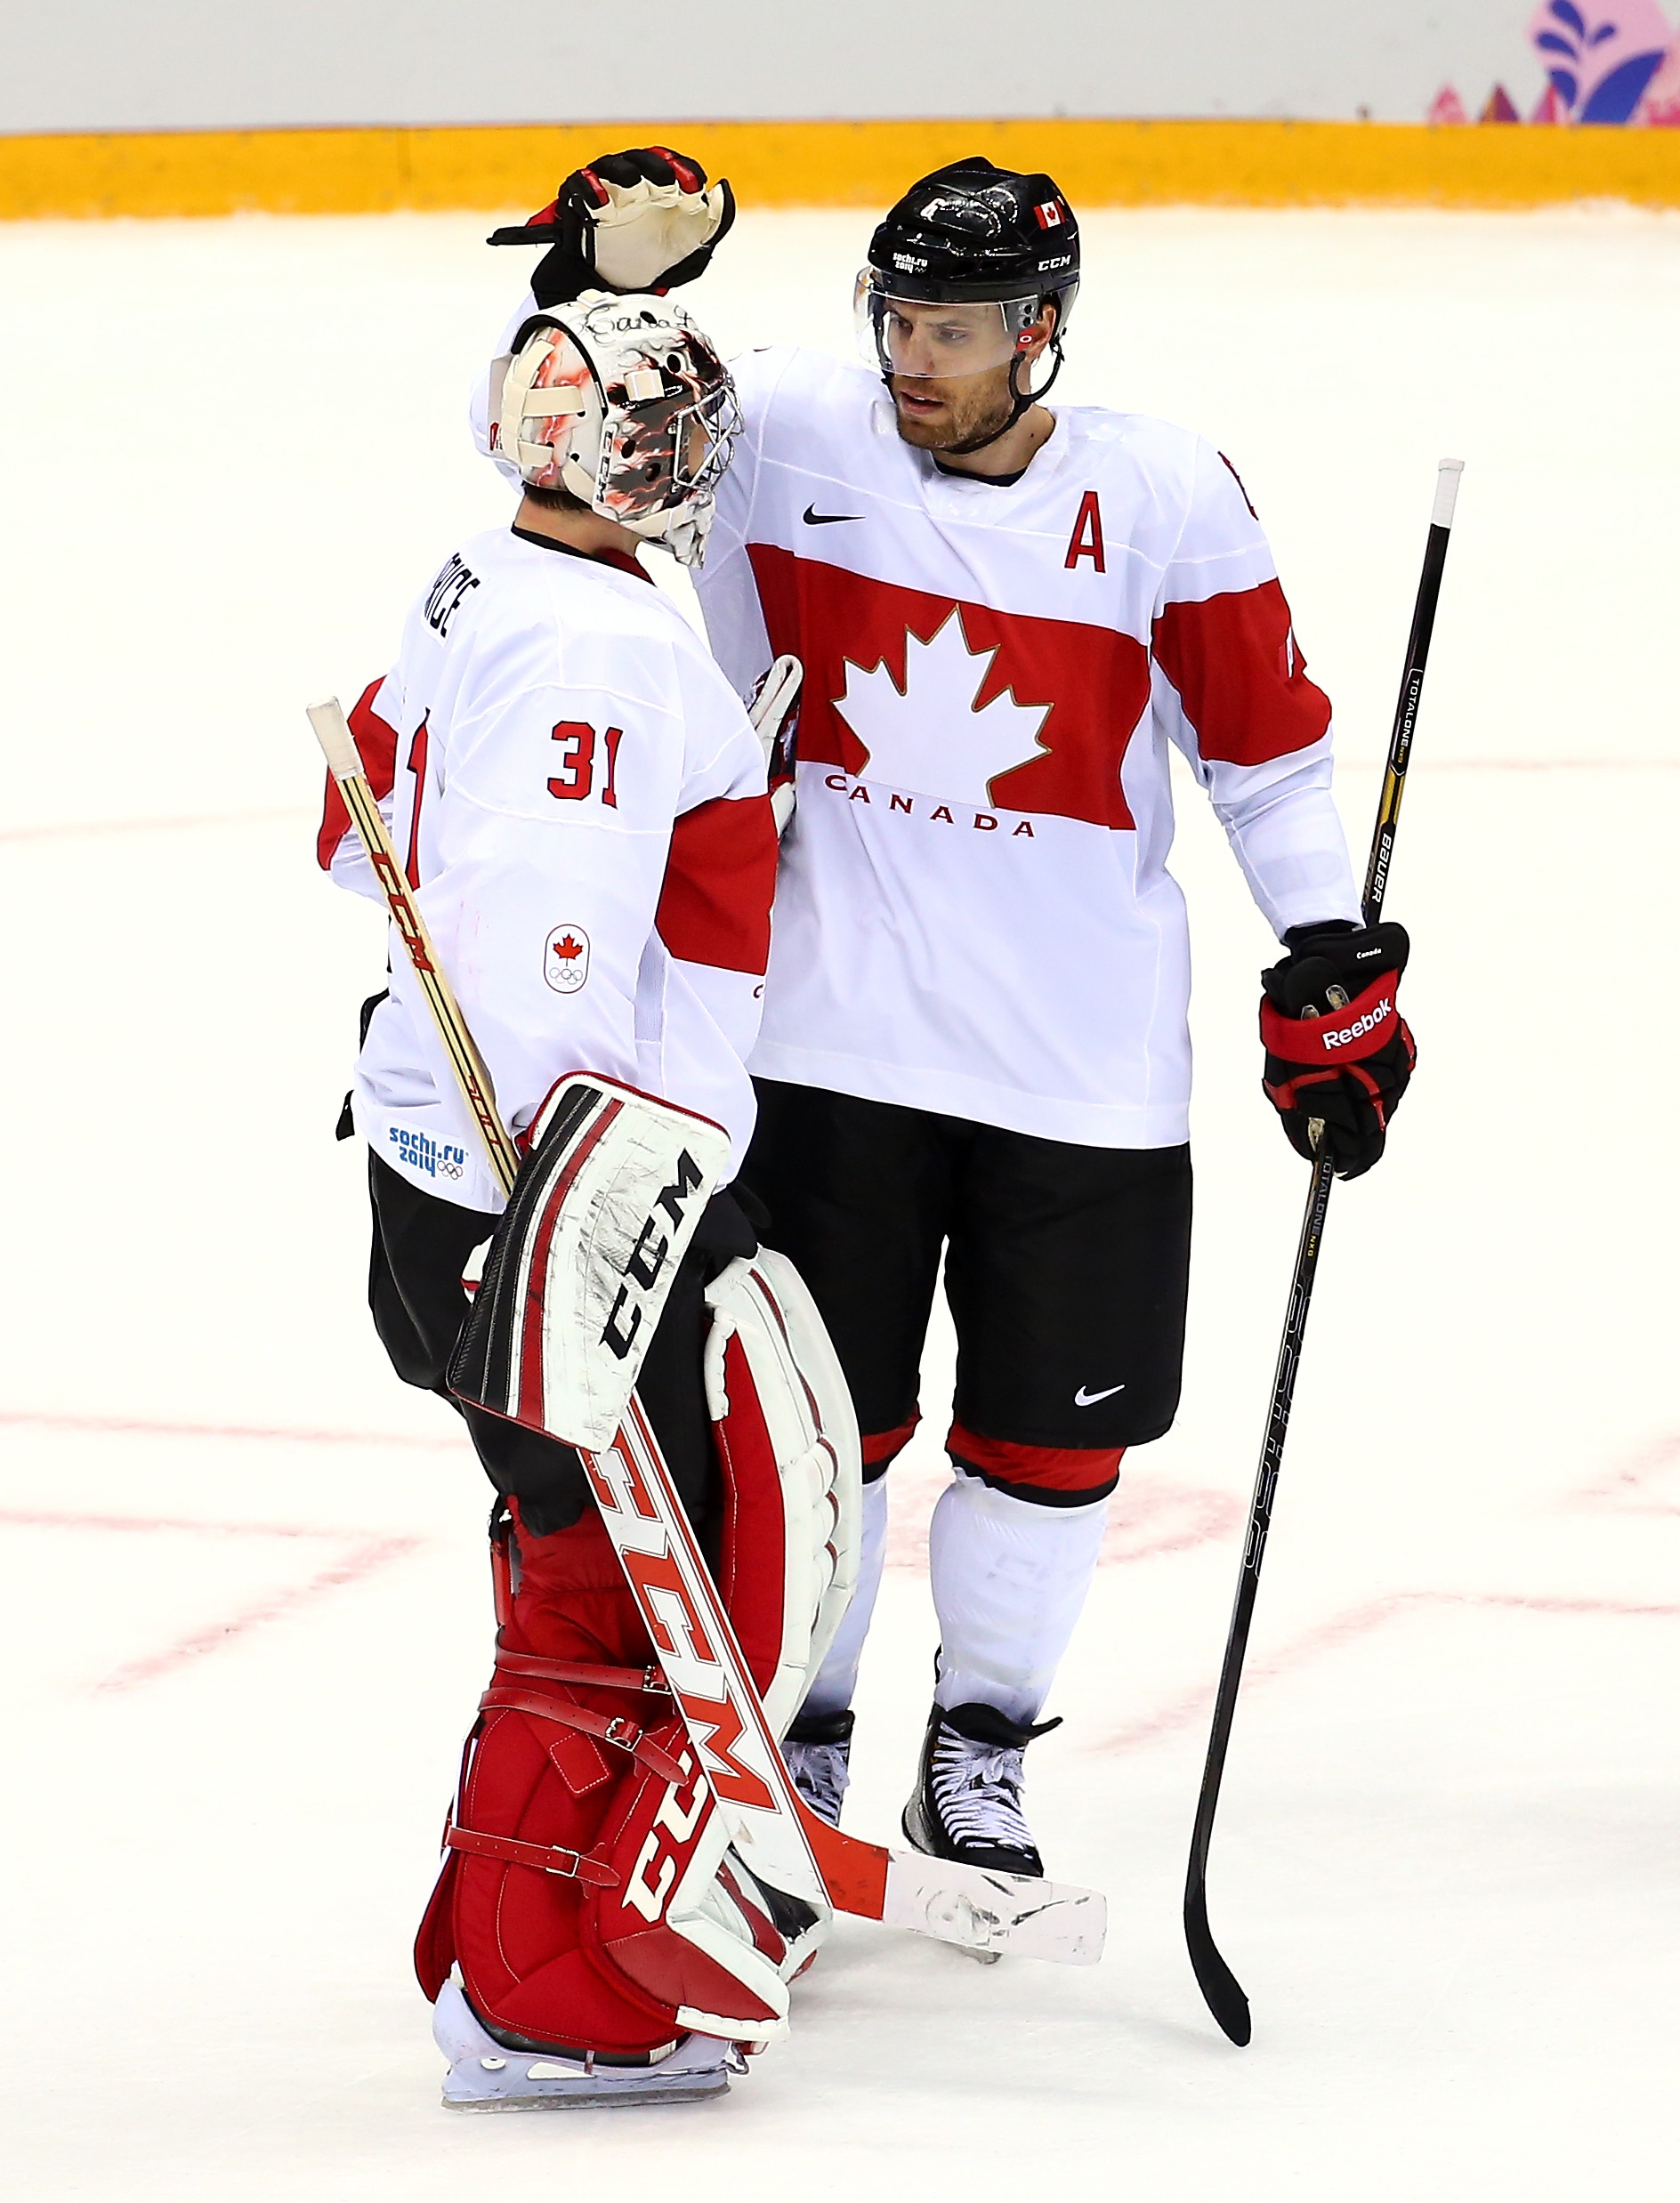 Ice Hockey - Winter Olympics Day 12 - Canada v Latvia